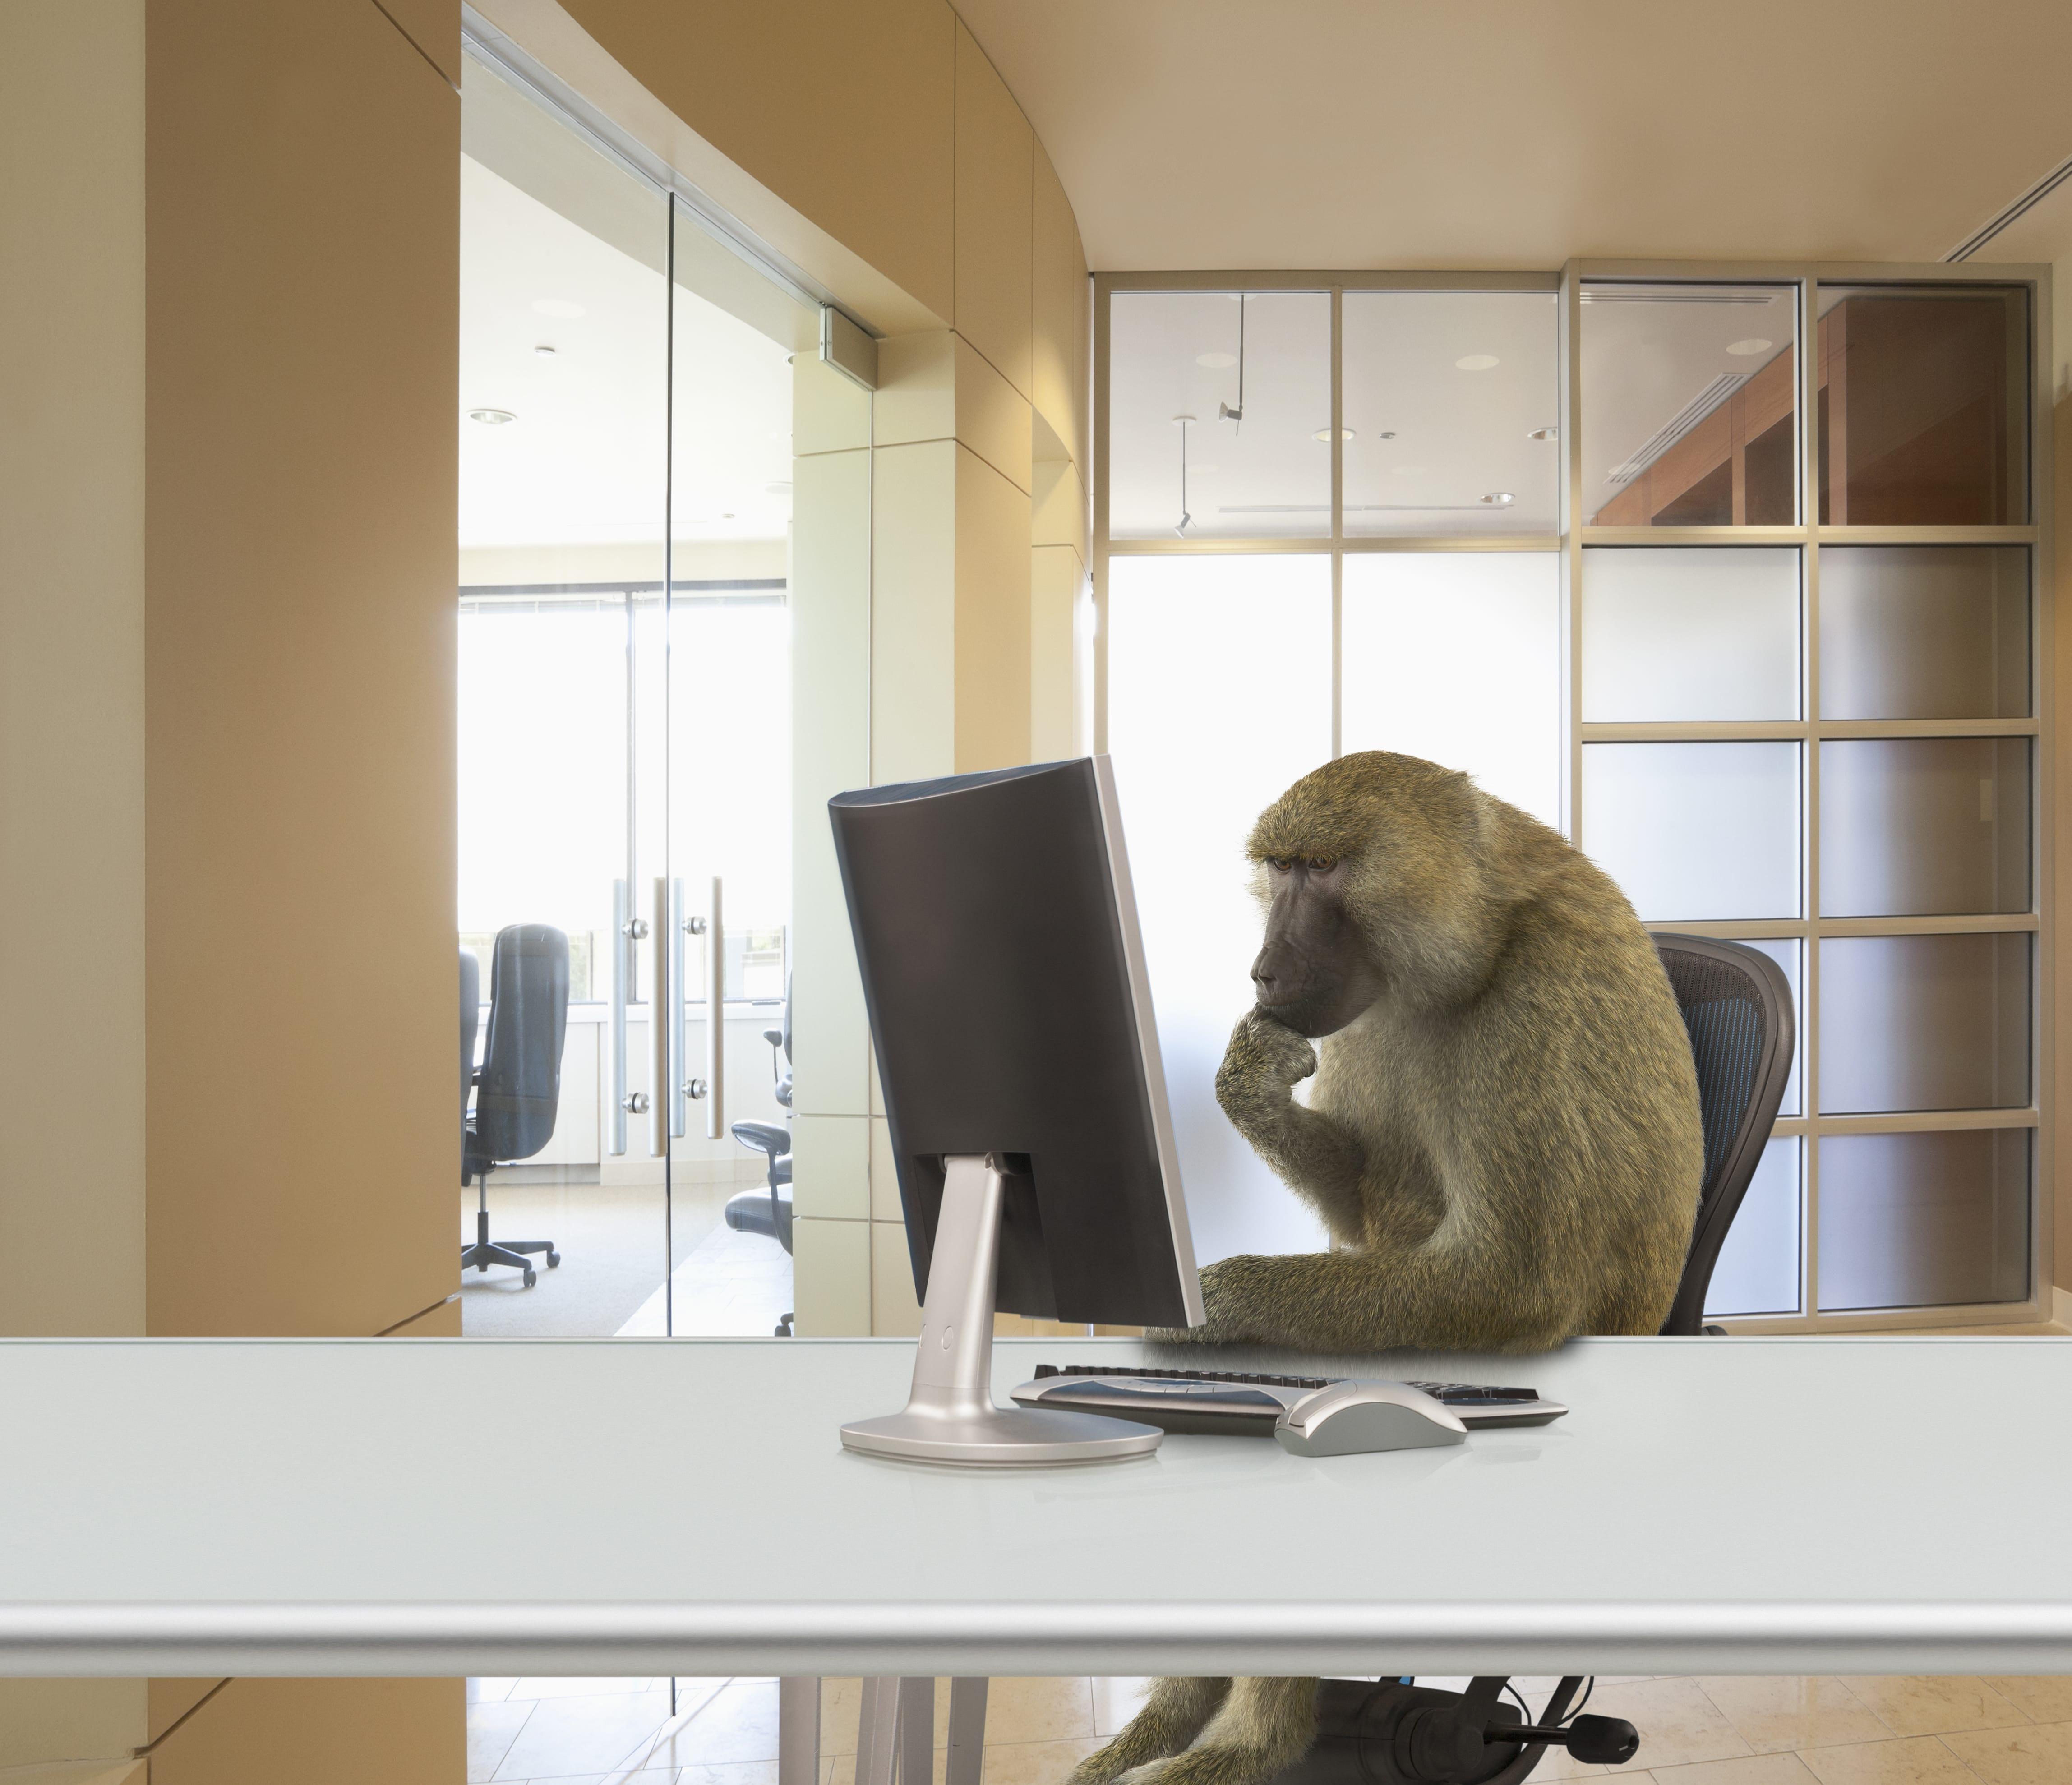 Aufnahme eines Affen, der an einem Schreibtisch sitzt und auf einen Bildschirm schaut.